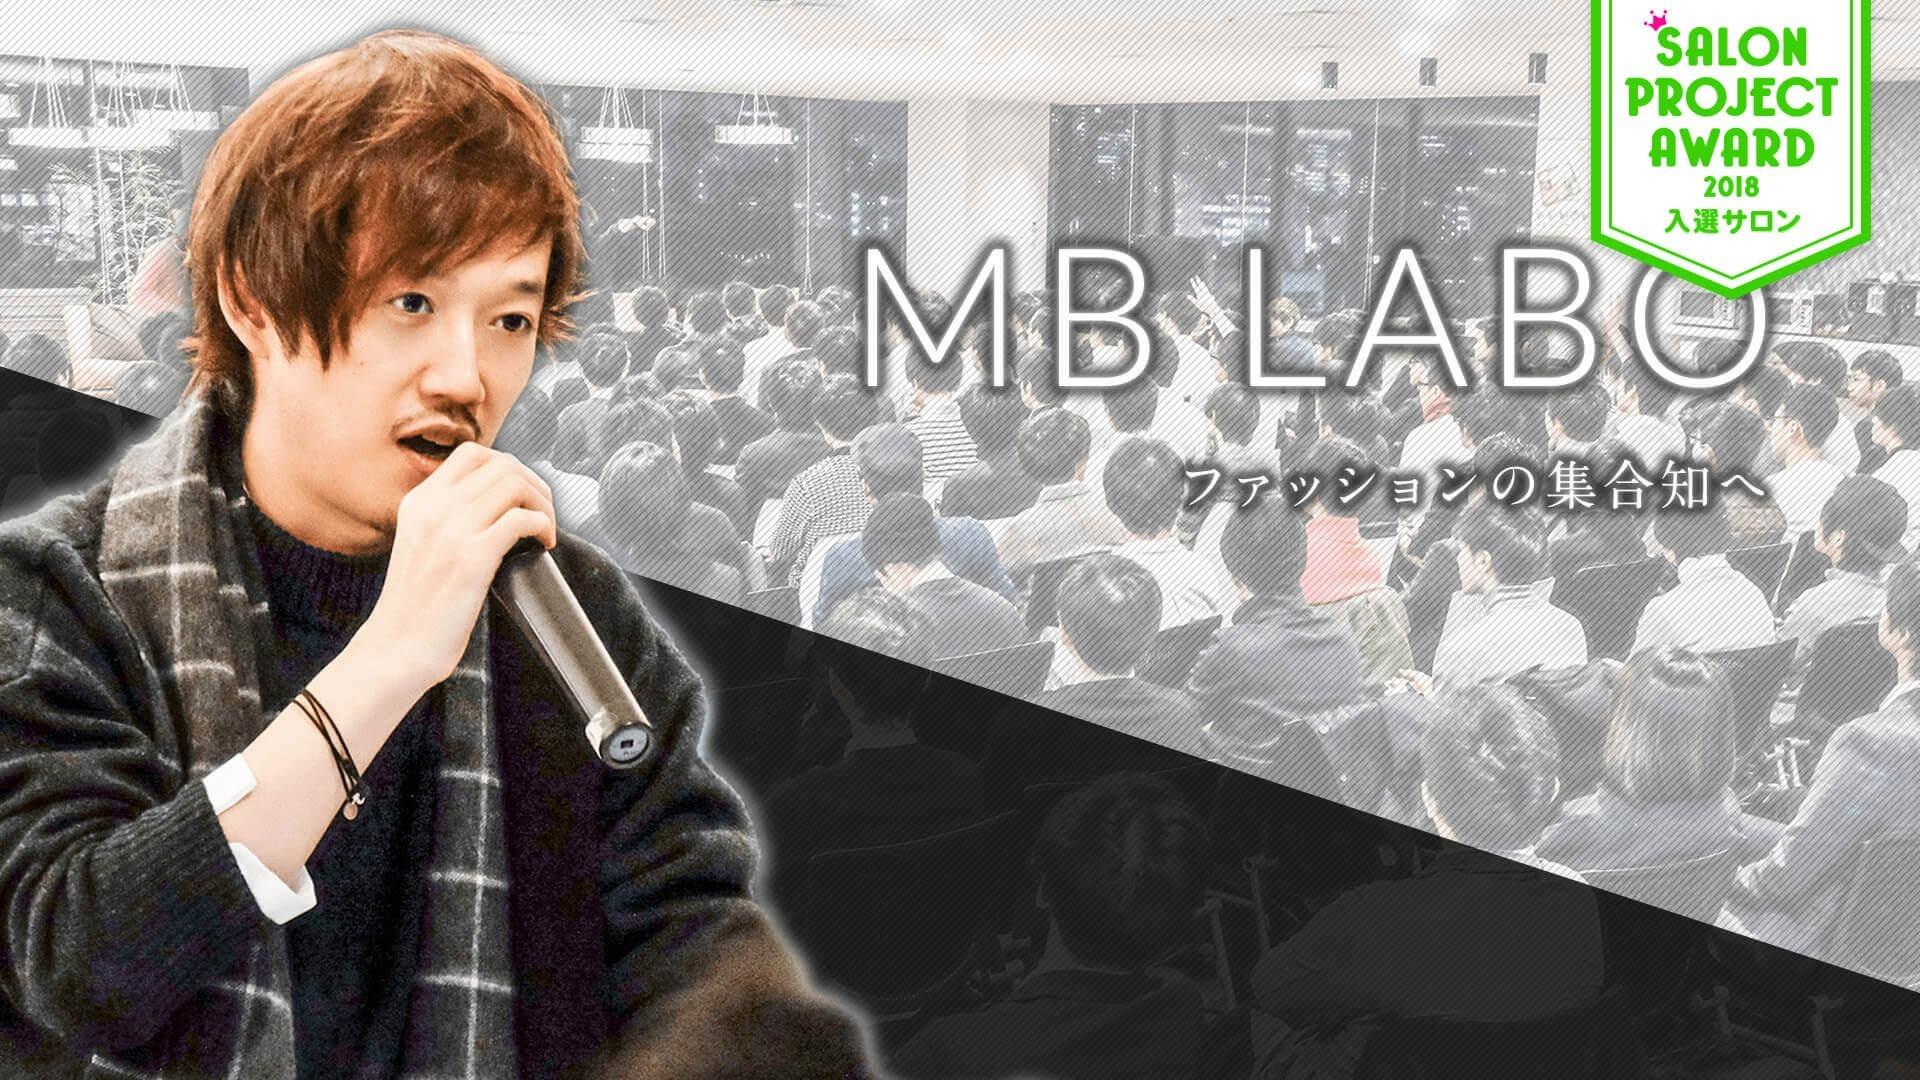 MB - MB LABO - ファッションの集合知へ - - DMM オンラインサロン